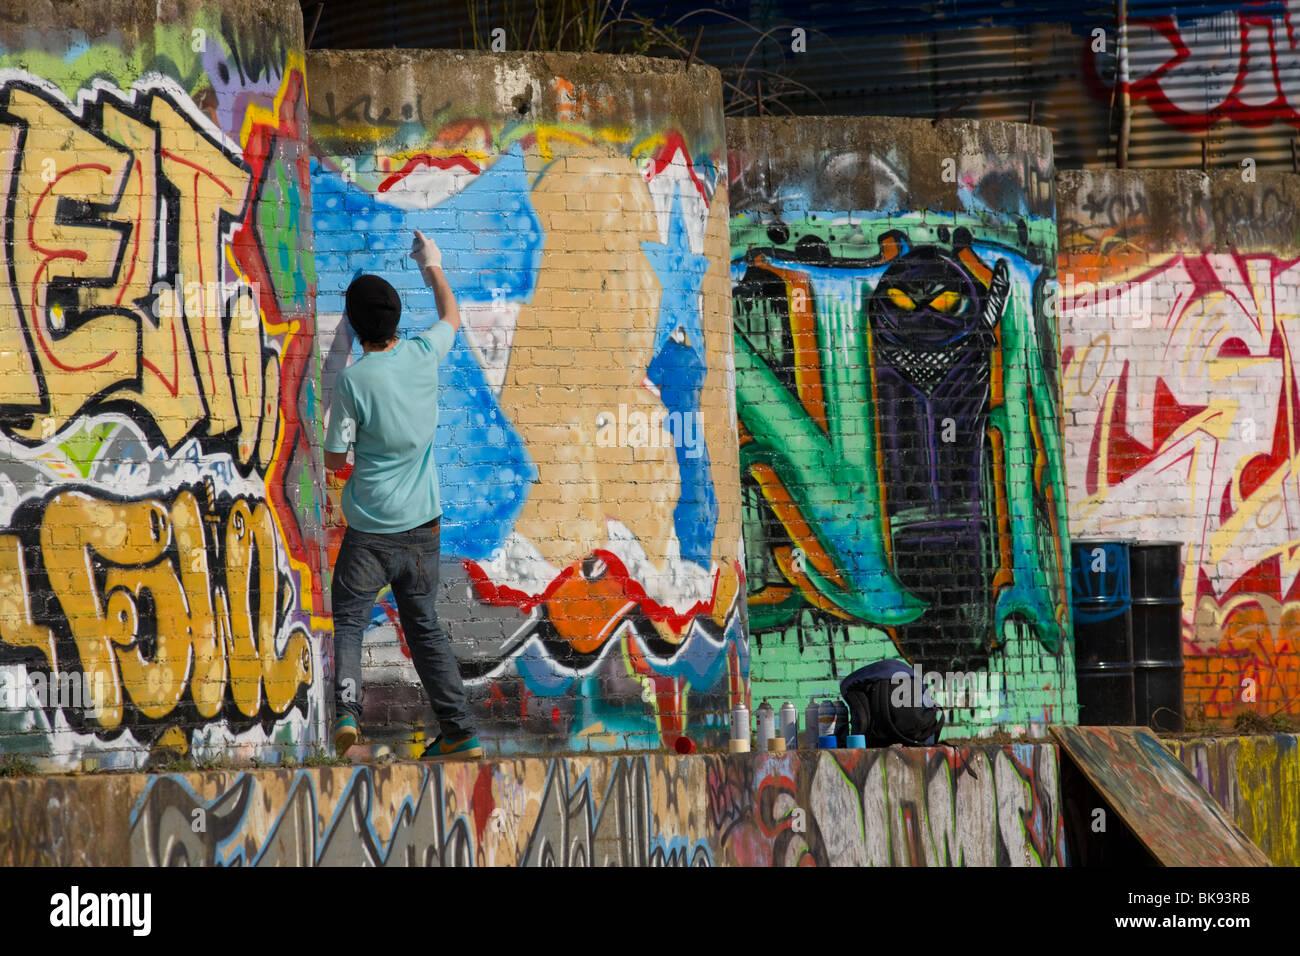 Graffiti artist tagging near railroad tracks, River Arts District, Asheville, North Carolina Stock Photo